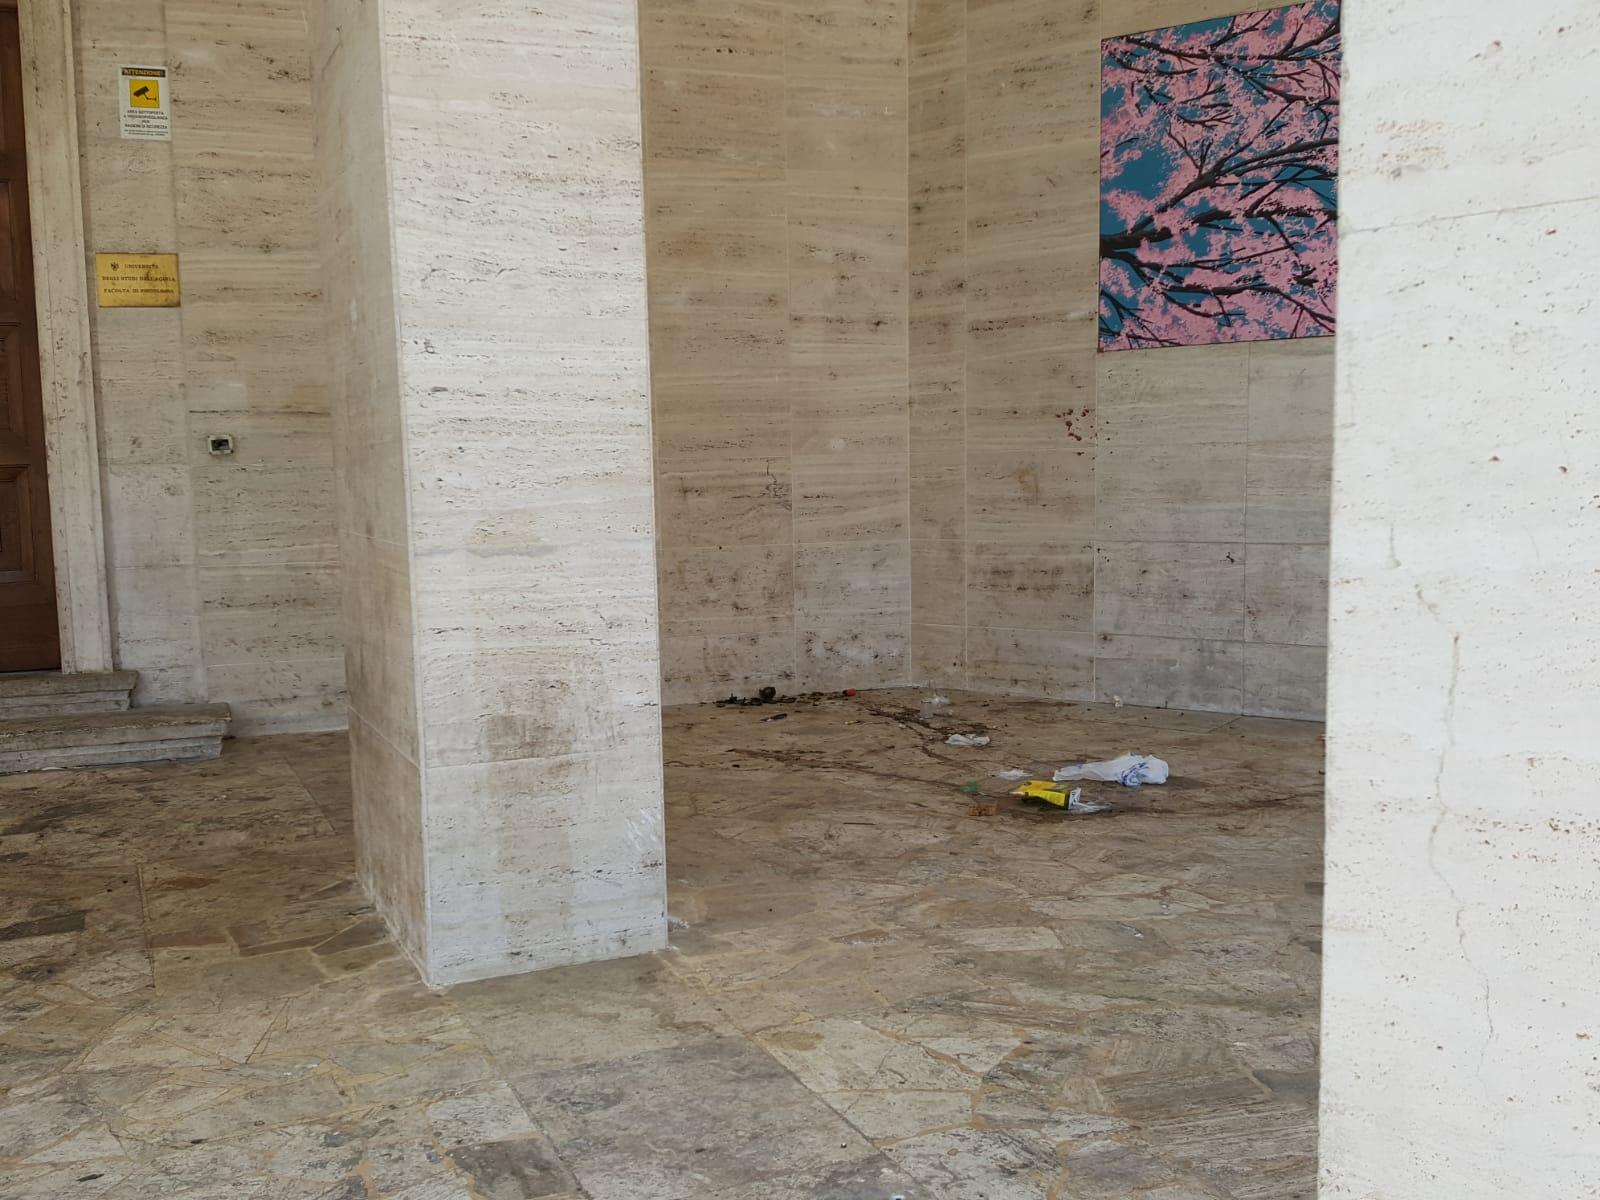 Il liceo classico di Avezzano rischia di diventare una bomba sanitaria: escrementi e degrado la fanno da padrone